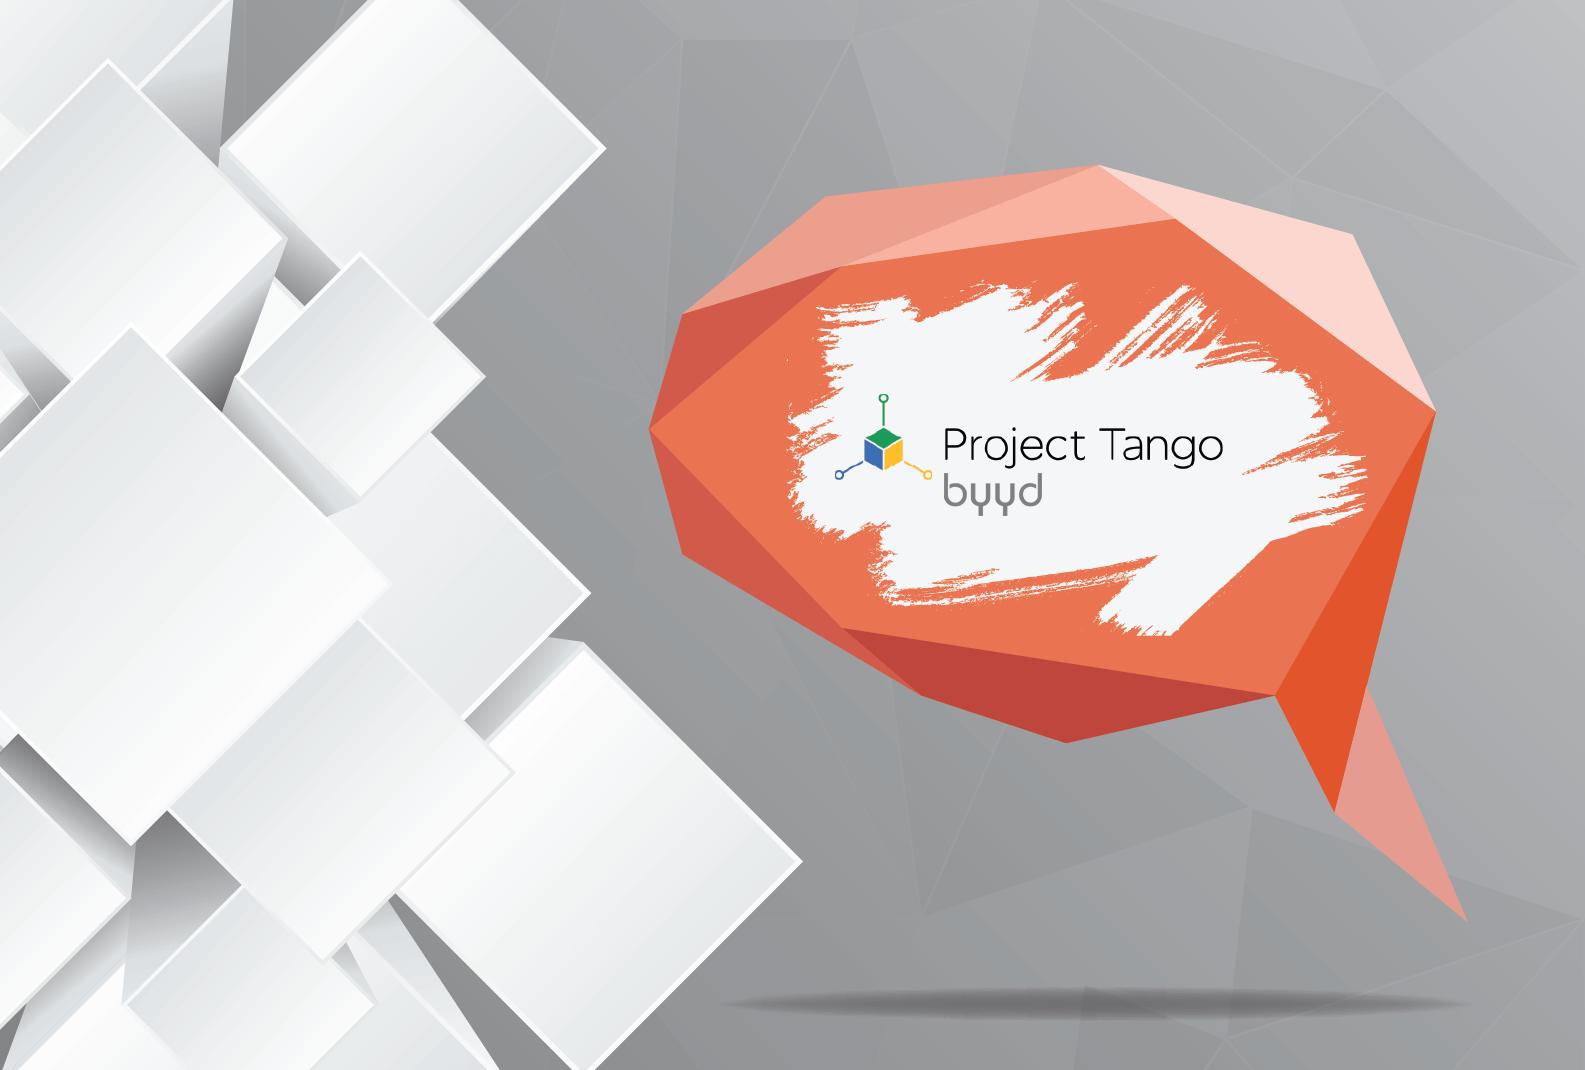 Project Tango от Google, или новое восприятие мира? - 1